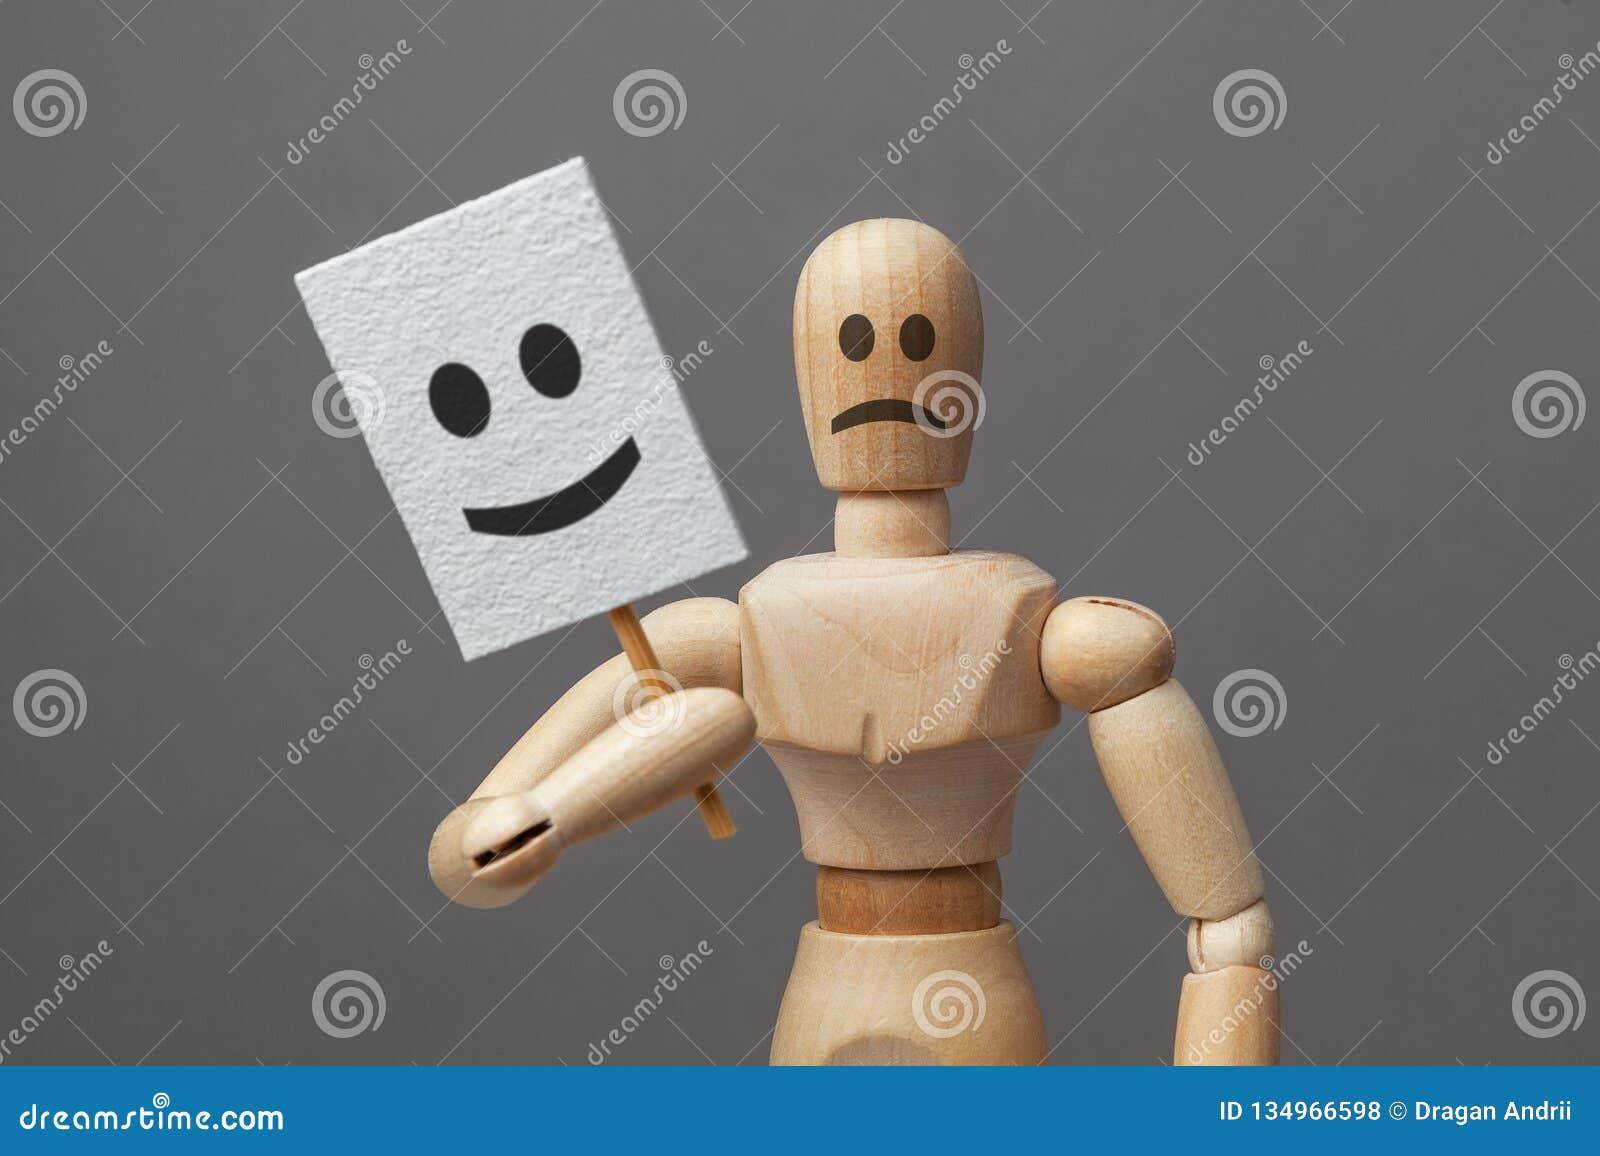 De mens met slechte kwade stemming en houdt masker van goede vrolijke stemming met glimlach schijnheiligheid